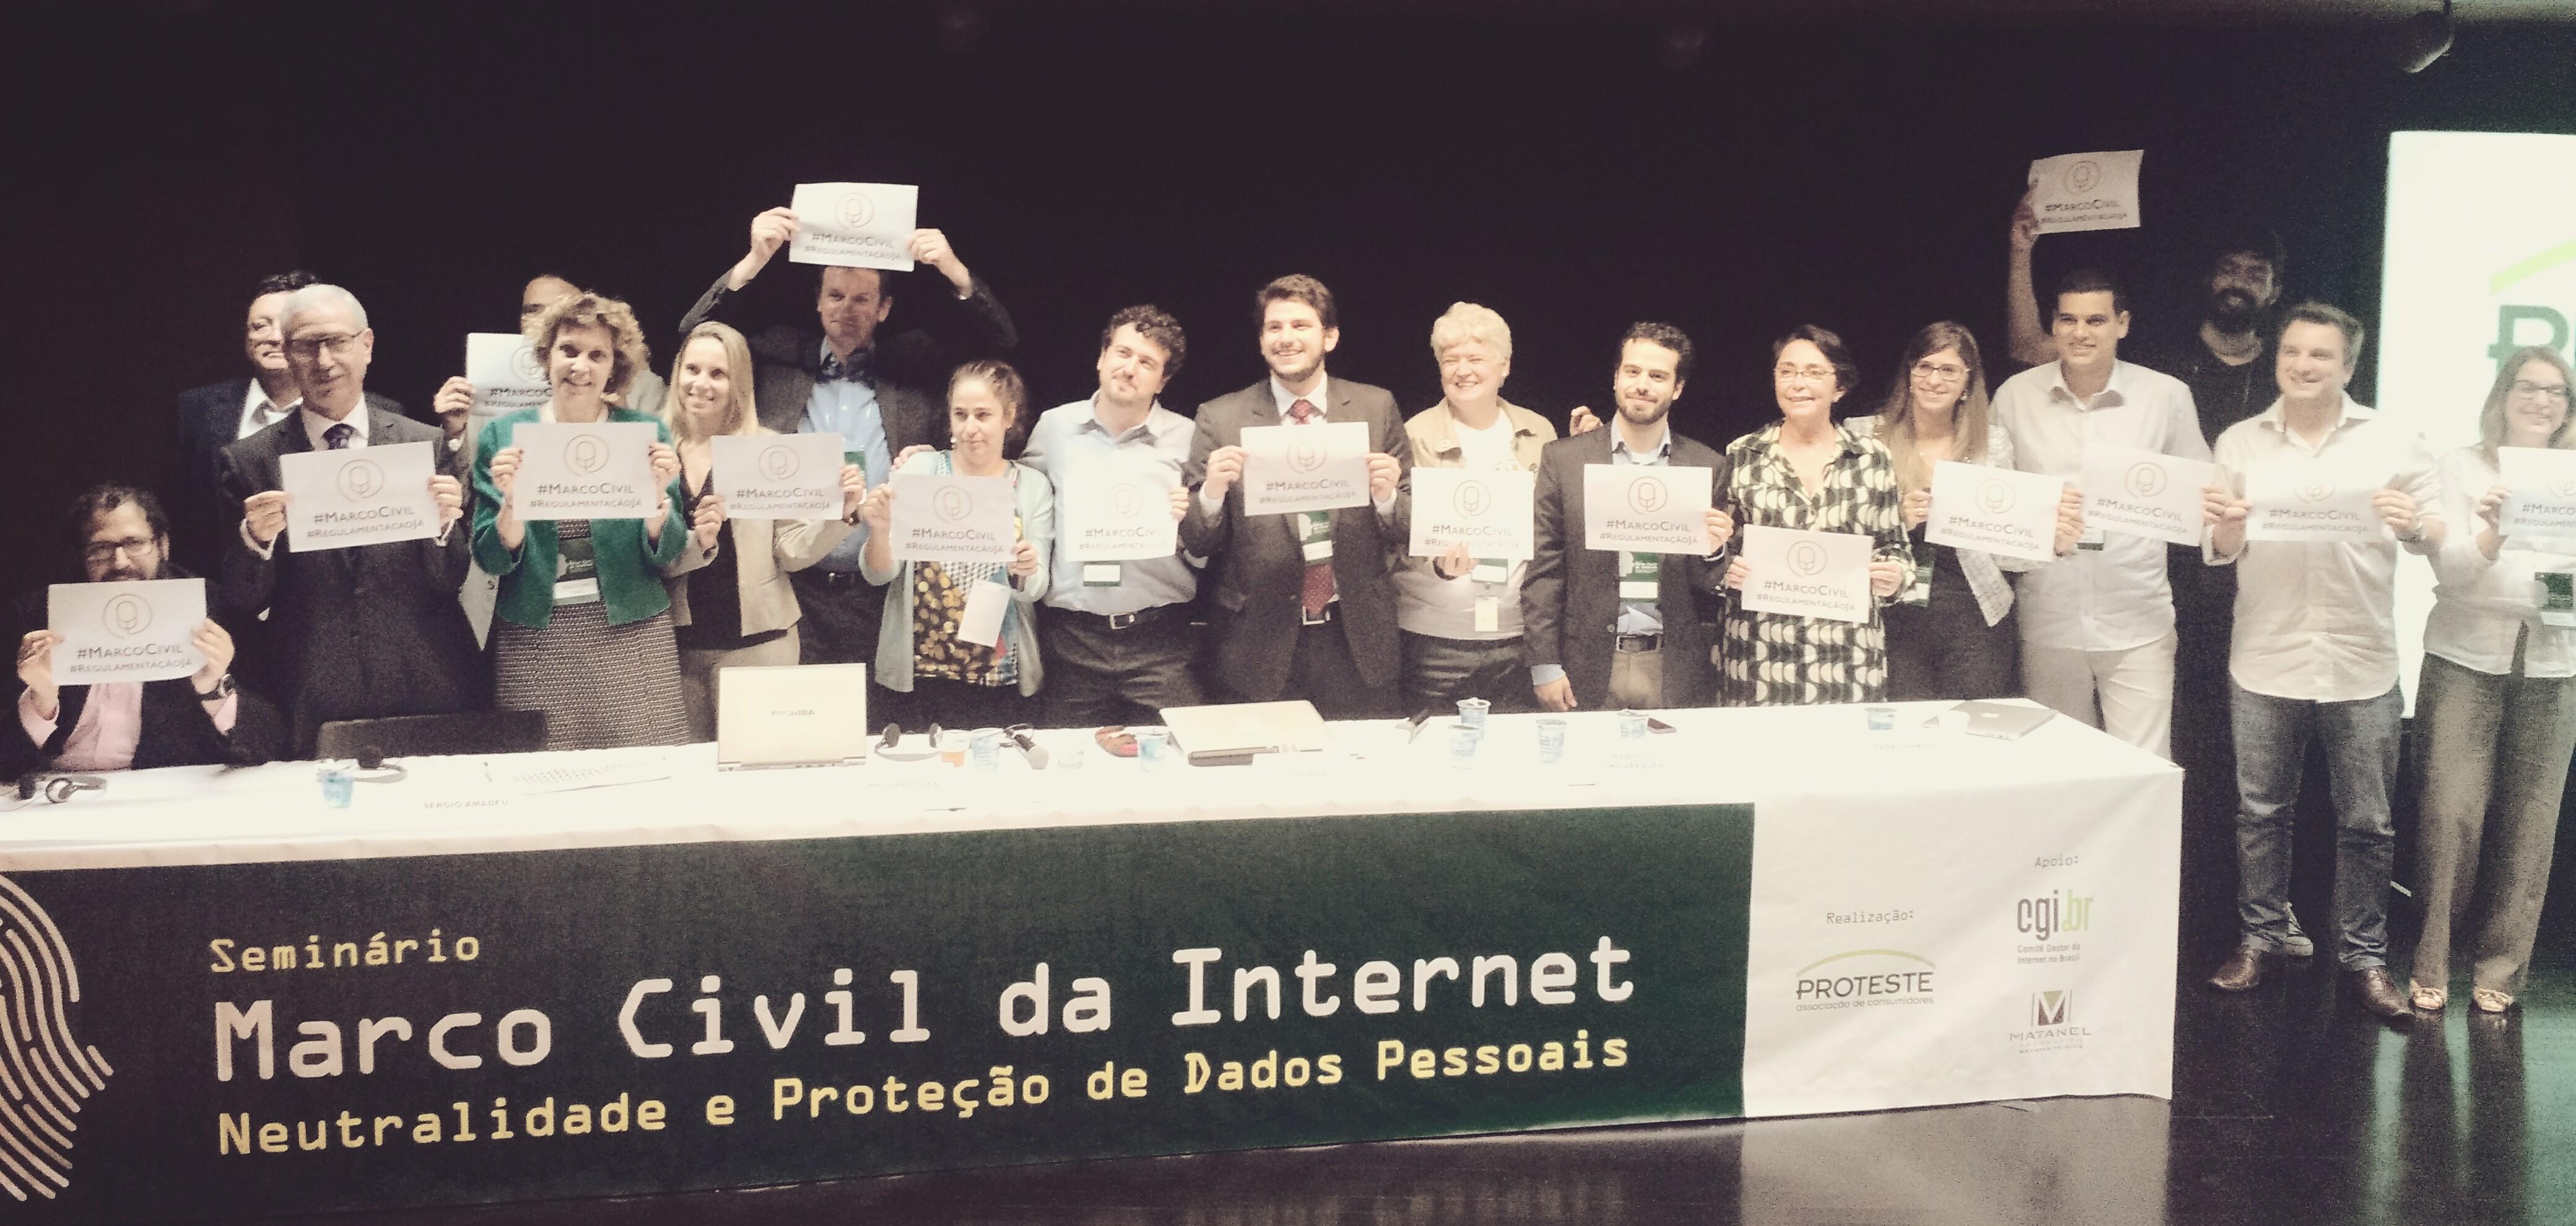 Na última semana a PROTESTE - Associação de Consumidores realizou em parceria com o CGI.br um seminário sobre os temas discutidos nas consultas públicas.